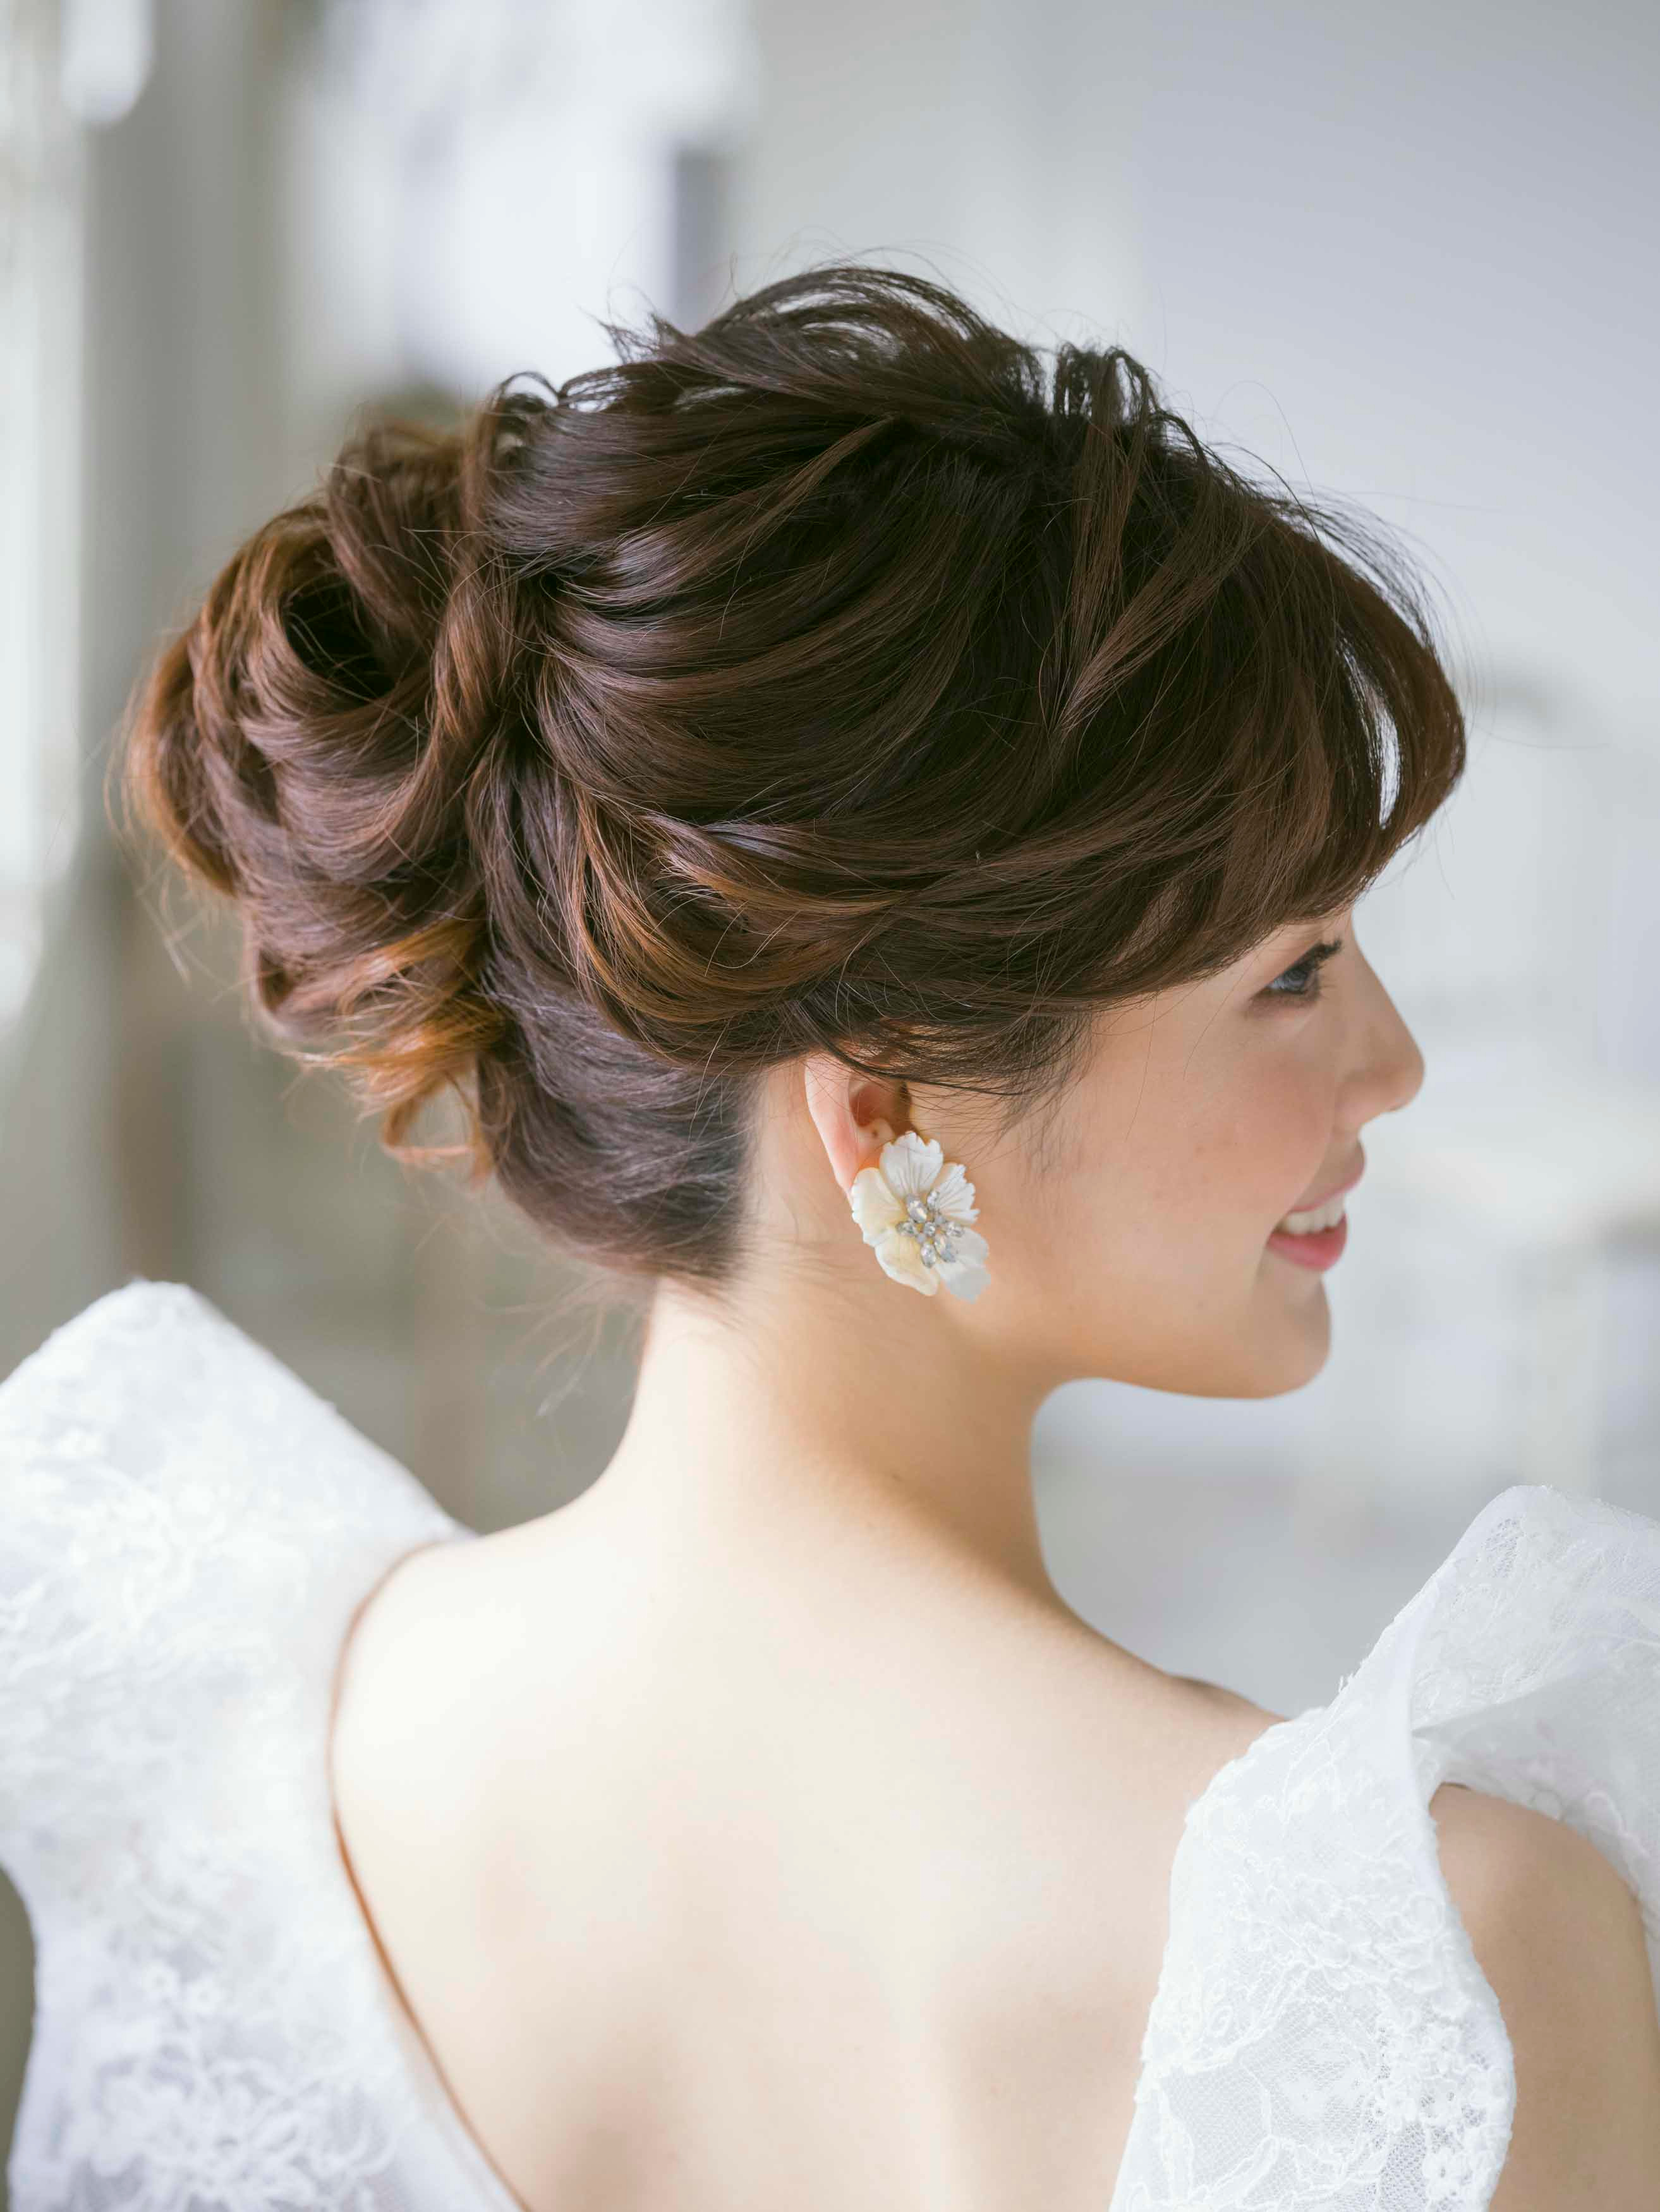 ウエディングドレス 髪型 アップシニヨン ブライダルヘア